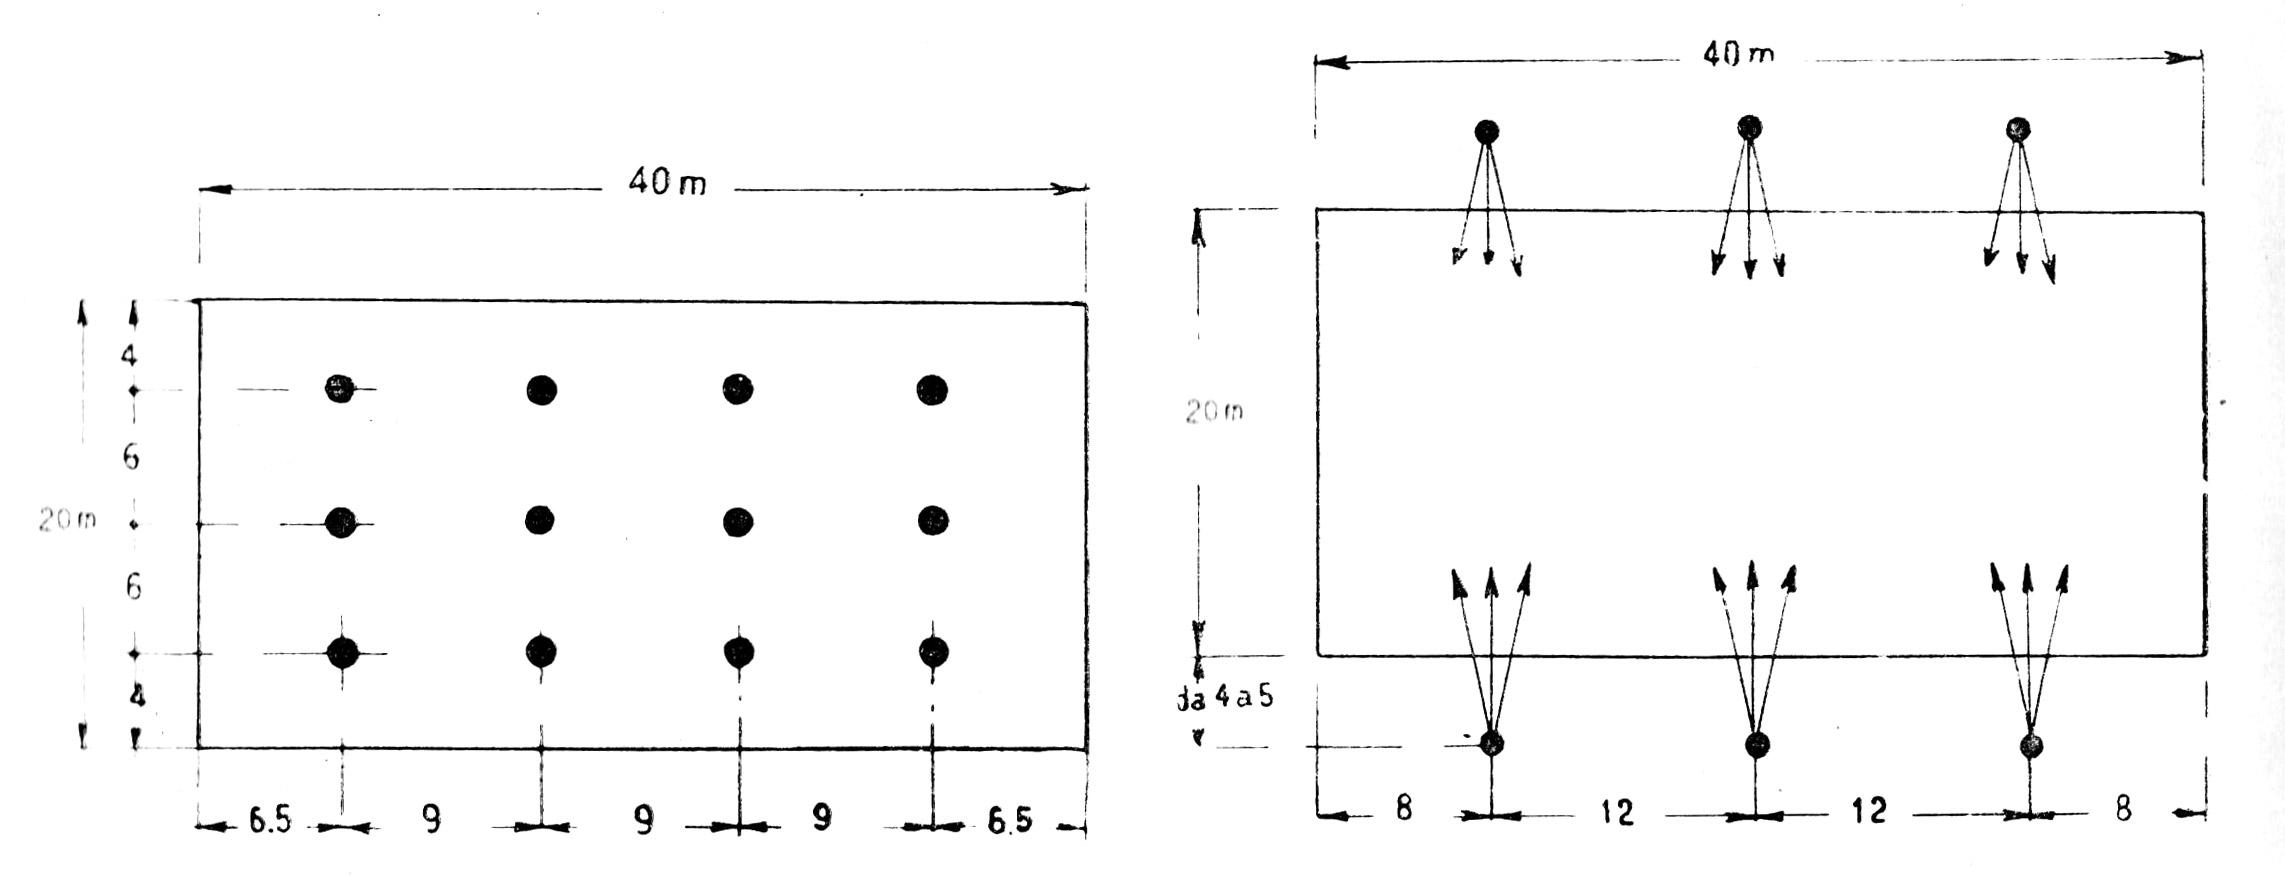 Figura 3 - Illuminazione di una pista di pattinaggio al chiuso e all'aperto